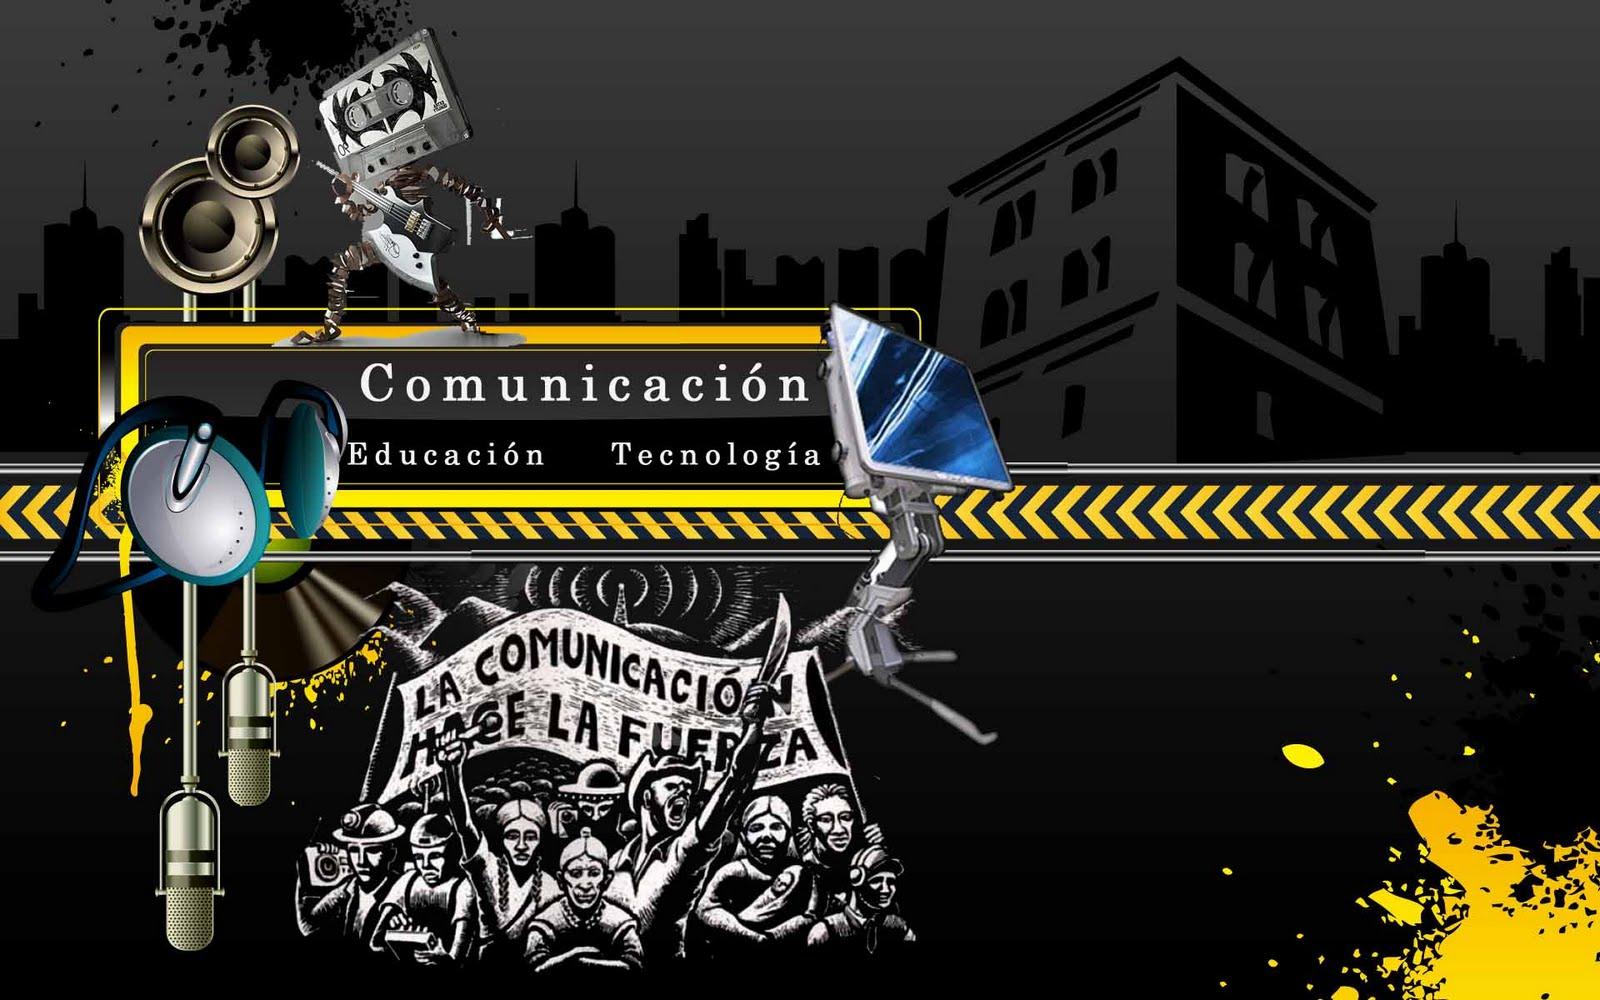 Comunicación, Educación y Tecnología